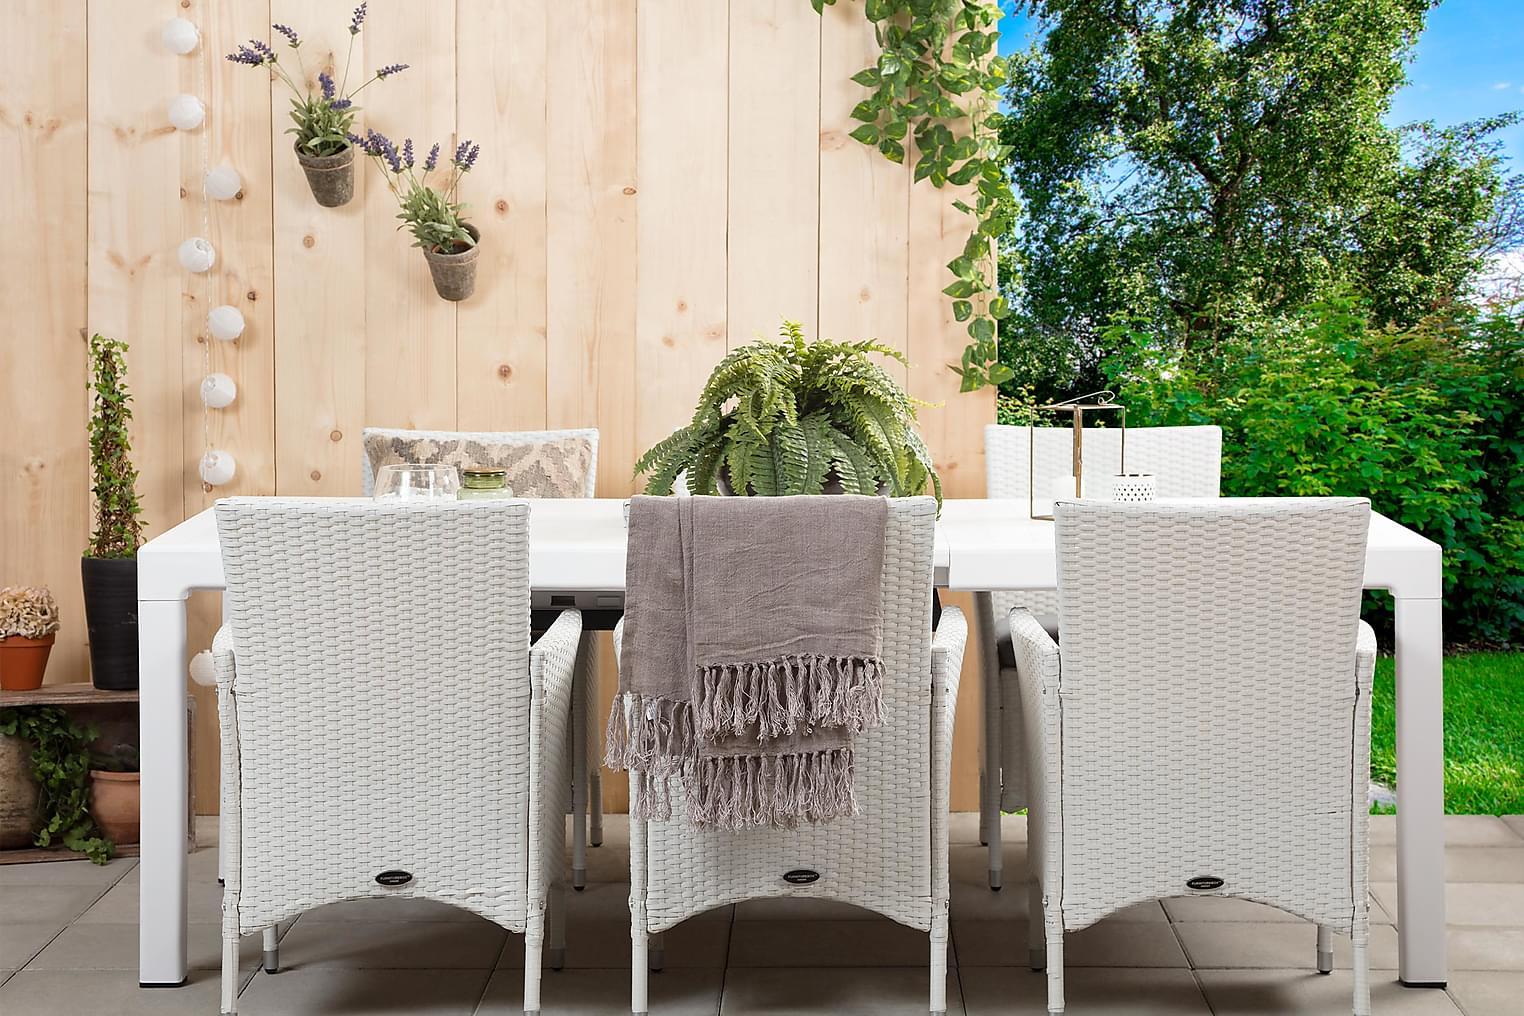 CAYMAN Pöytä 162 Valkoinen + 6 ARUBA Käsinojallista tuolia V